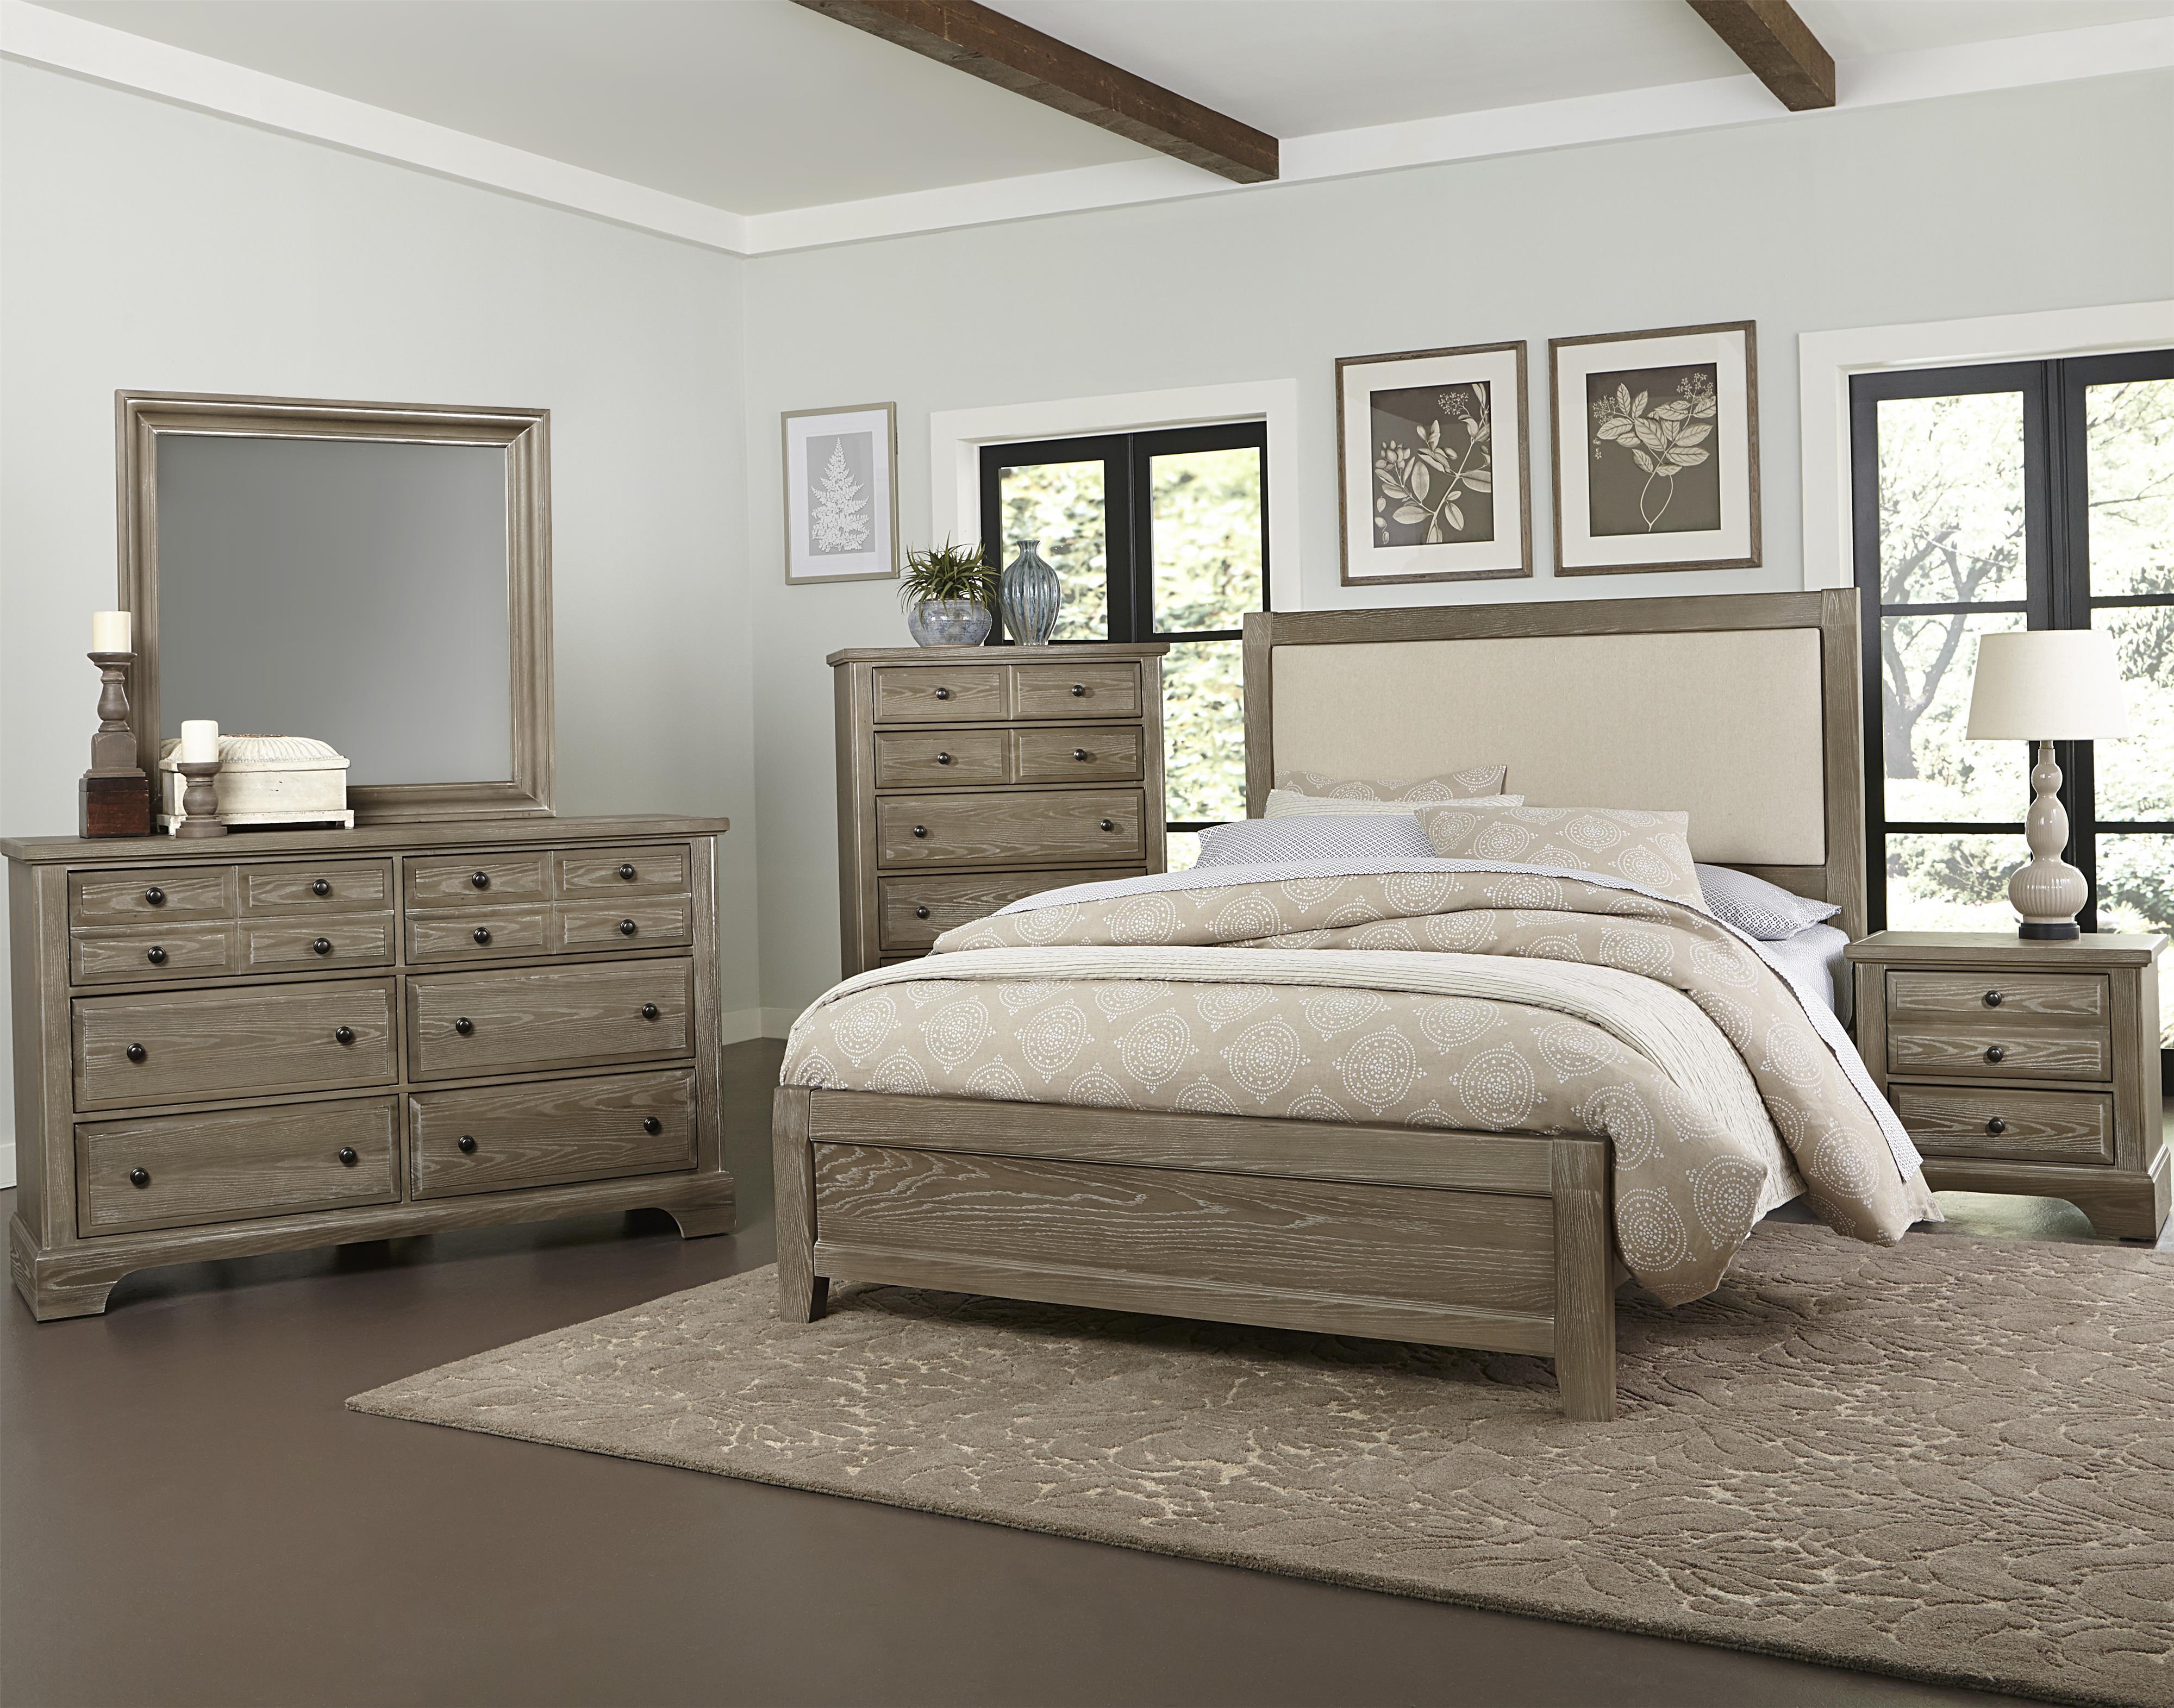 Vaughan Bassett Bedford Queen Bedroom Group - Item Number: BB81 Q Bedroom Group 2